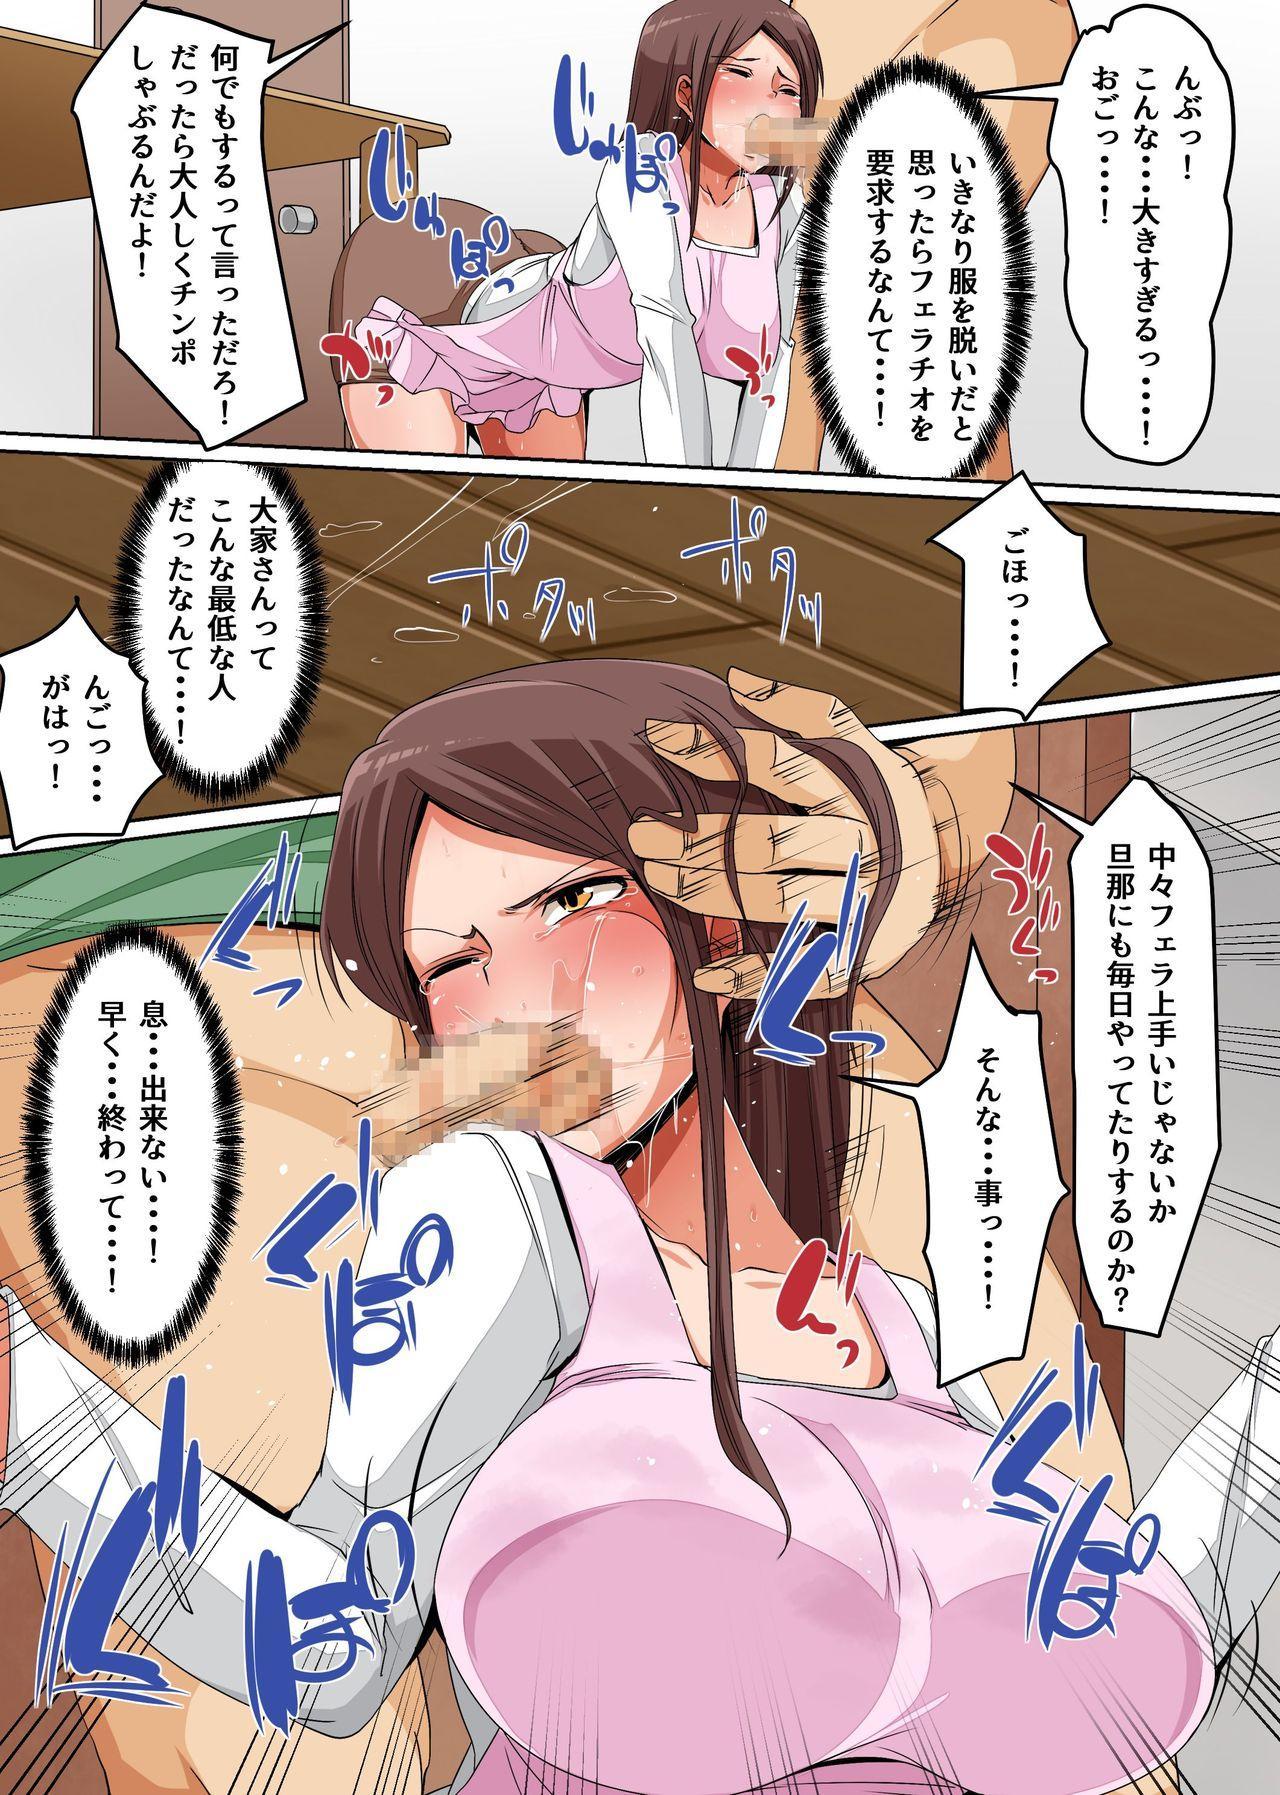 Tsuma ga Kakushite Ita Kako 7